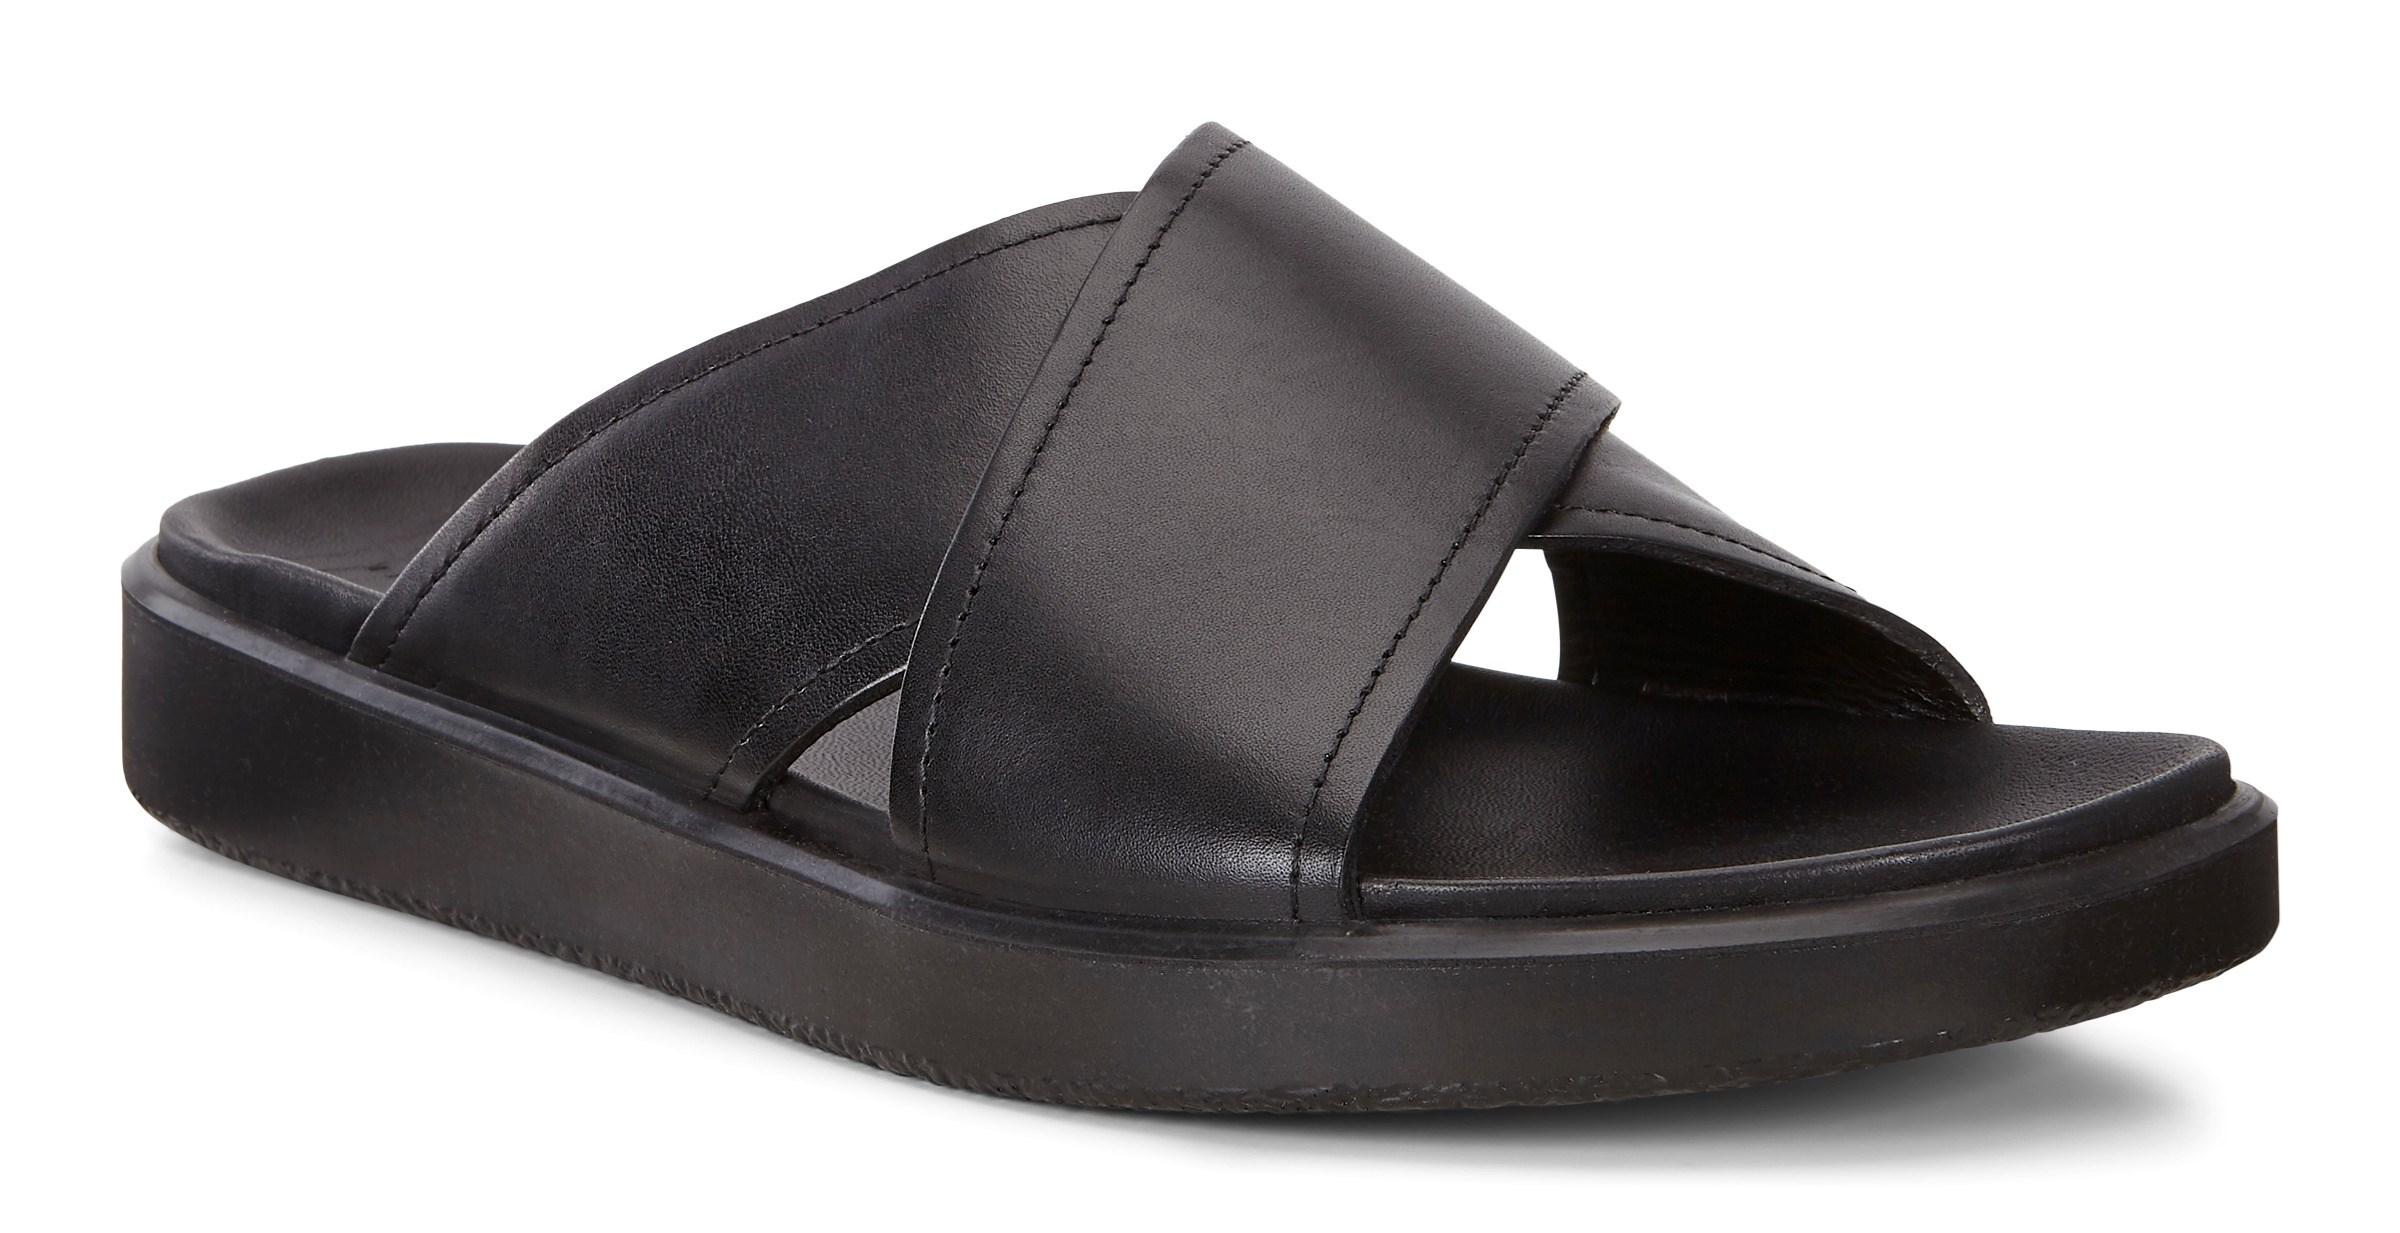 Sandalen für Herren | Im offiziellen ECCO® Shop einkaufen